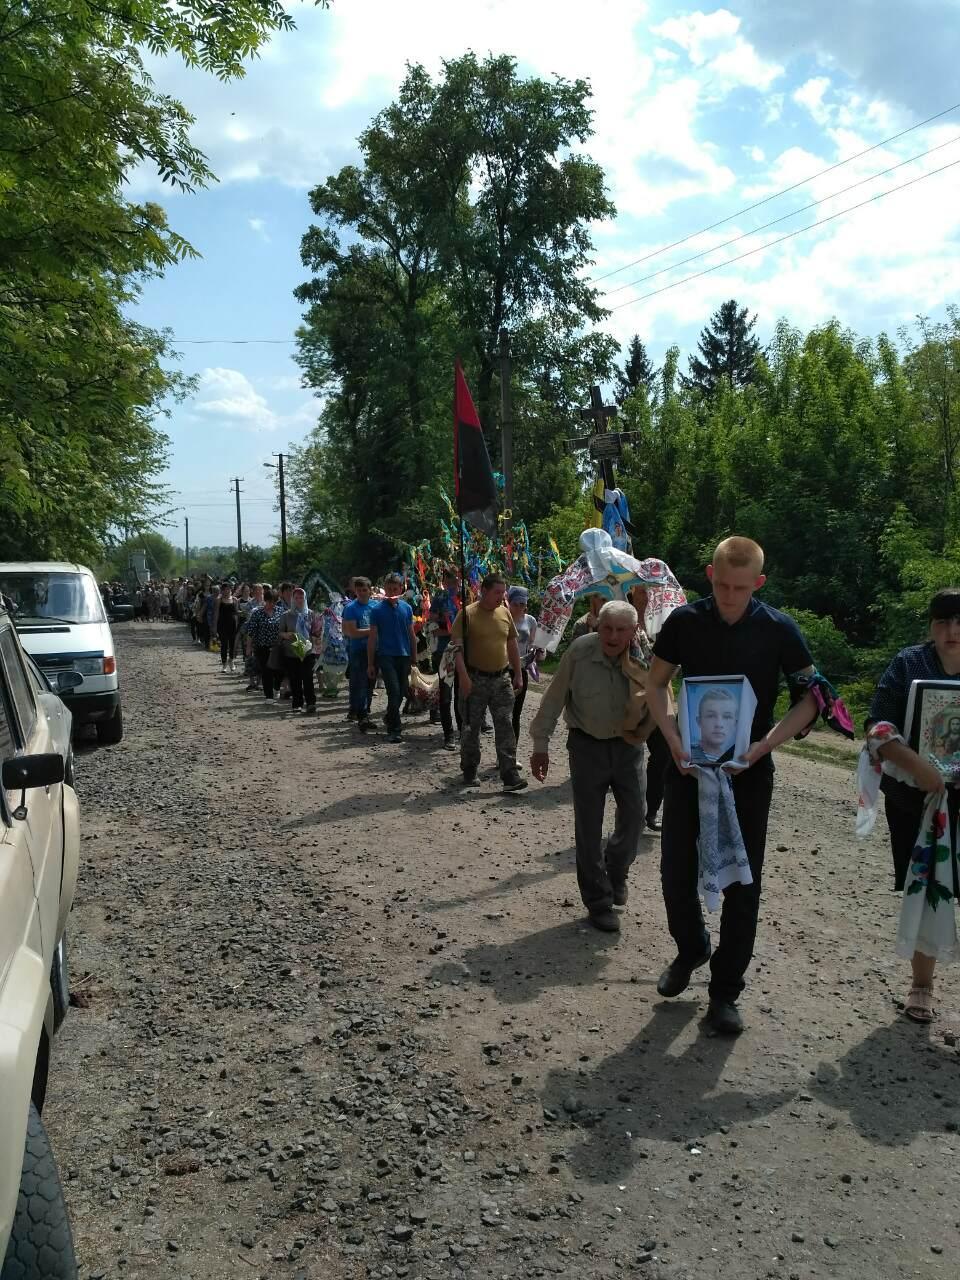 На Винниччине похоронили 19-летнего бойца АТО, который погиб под Авдеевкою / orthodox.vinnica.ua